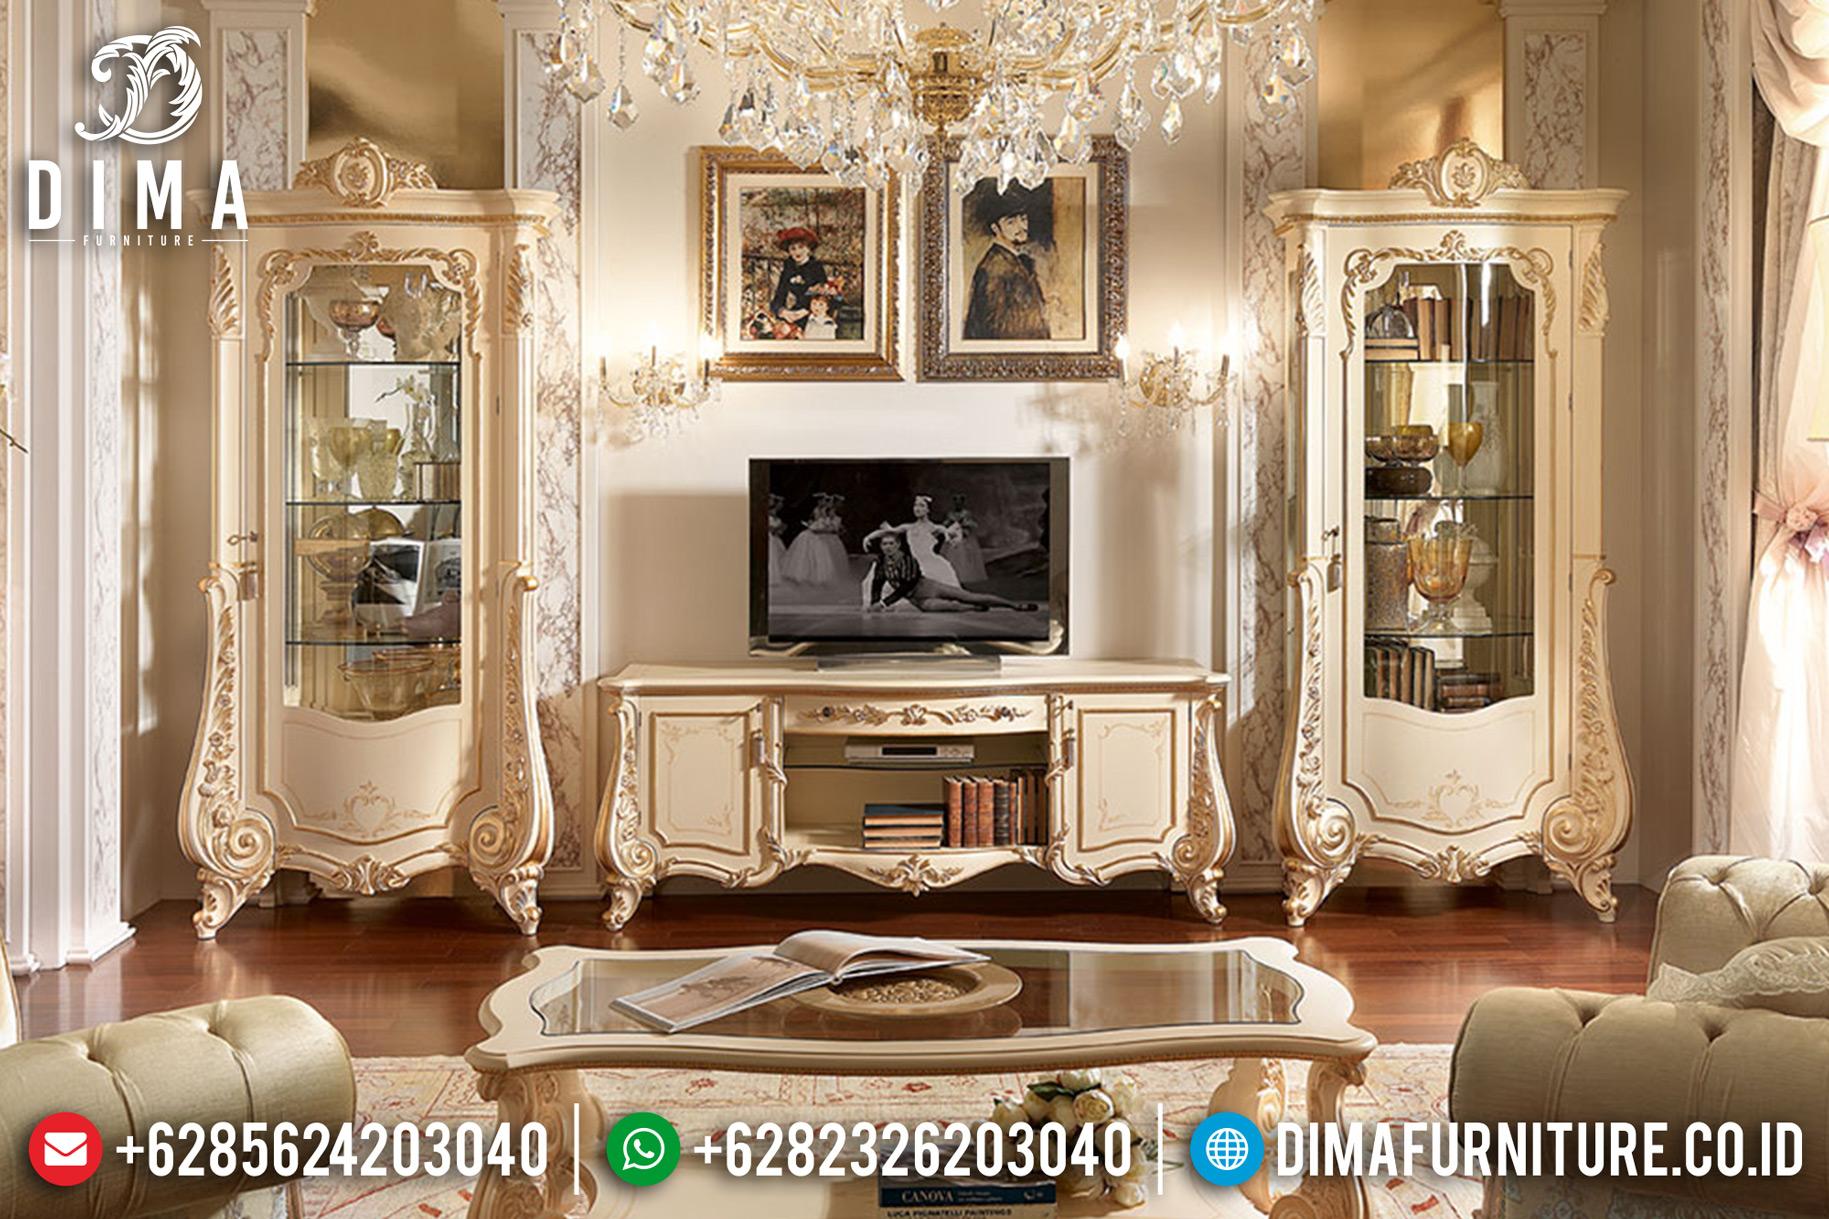 Jual Bufet TV Jepara, Bufet TV Minimalis Mewah, Lemari Hias Classic DF-0672